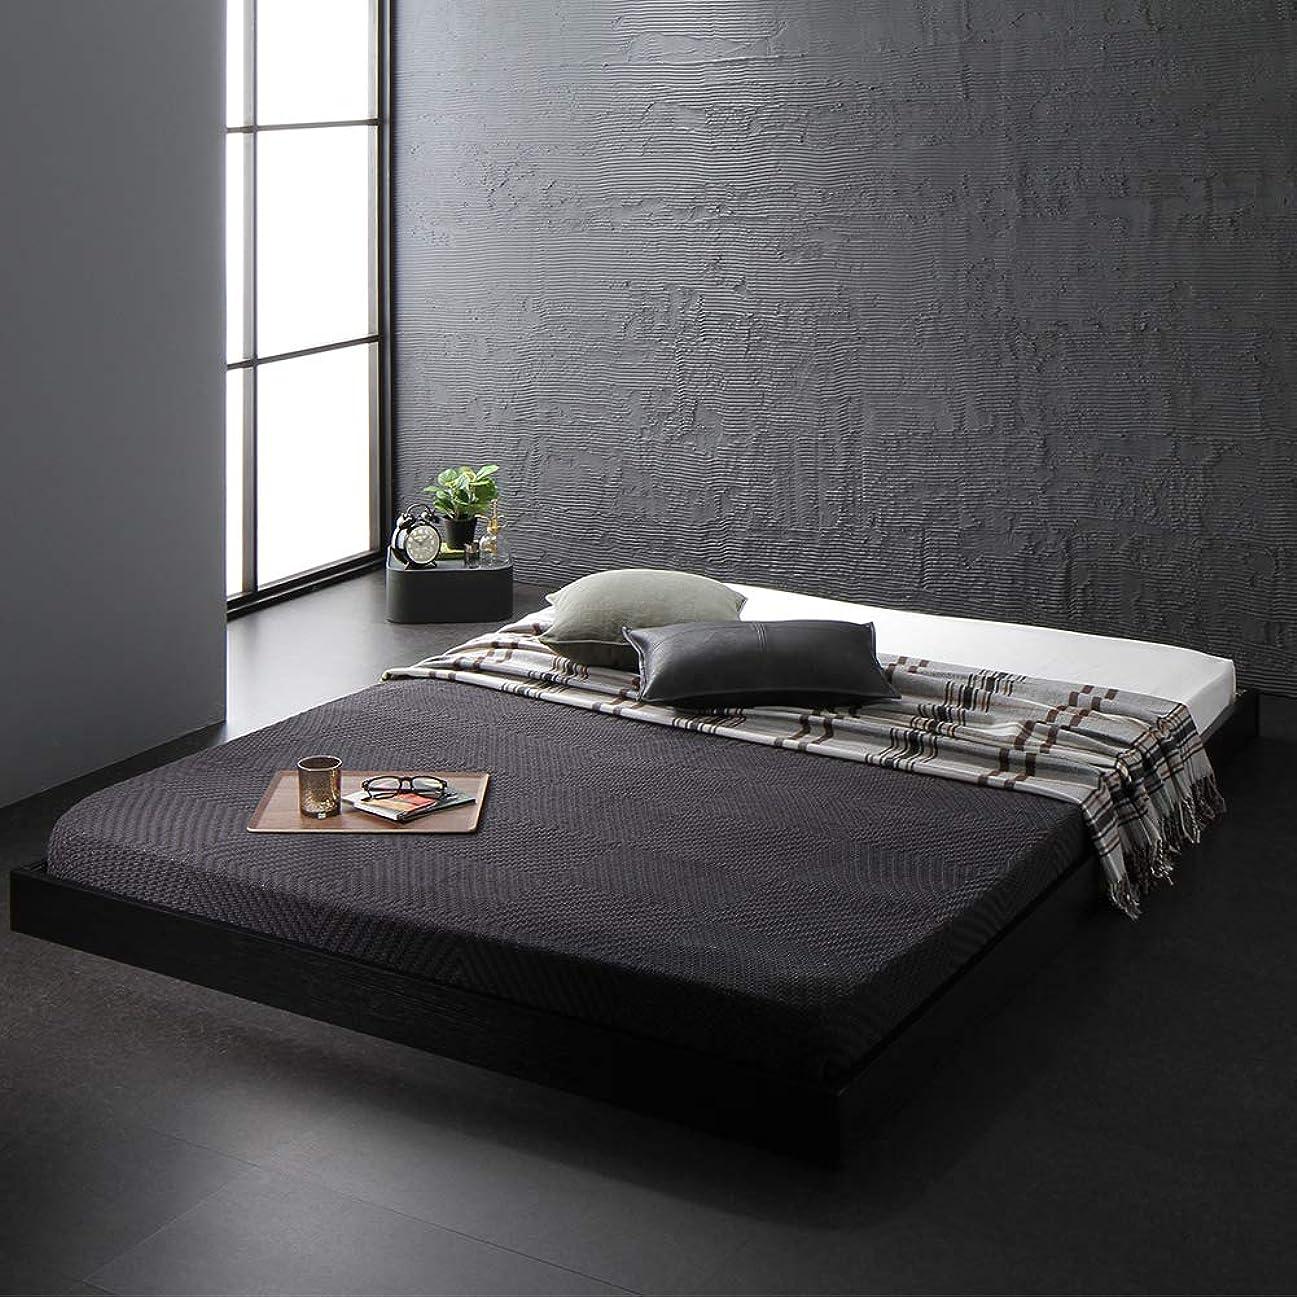 大西洋トラップホースベッド 低床 ロータイプ すのこ 木製 コンパクト ヘッドレス シンプル モダン ブラック セミダブル ベッドフレームのみ